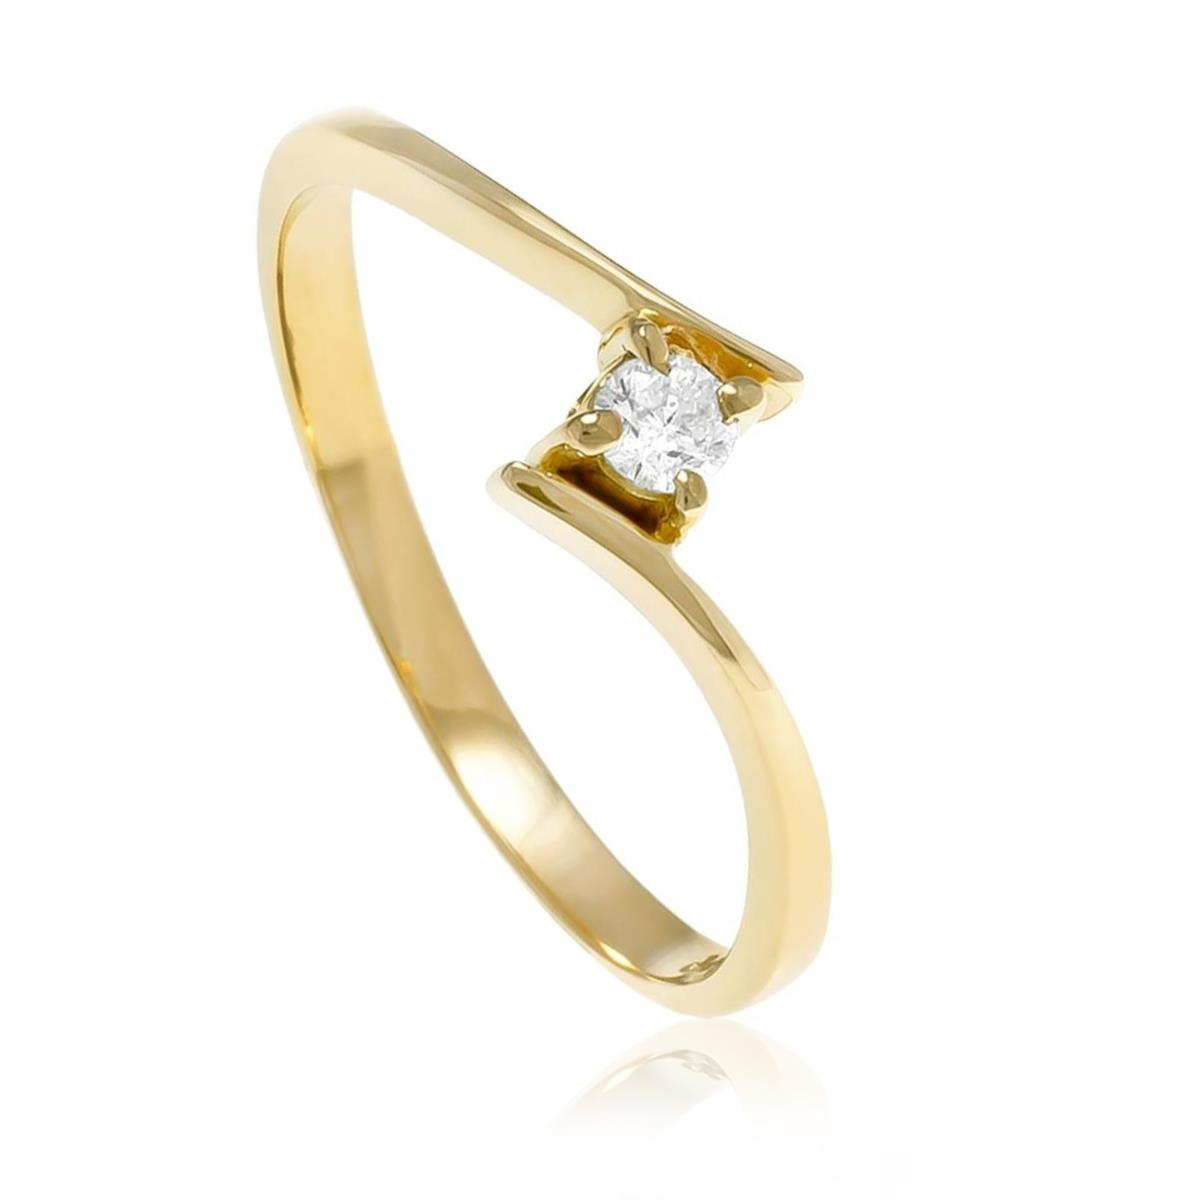 86eeccabf1a53 Anel de Ouro Solitário Cartier com Diamante de 10 Pts